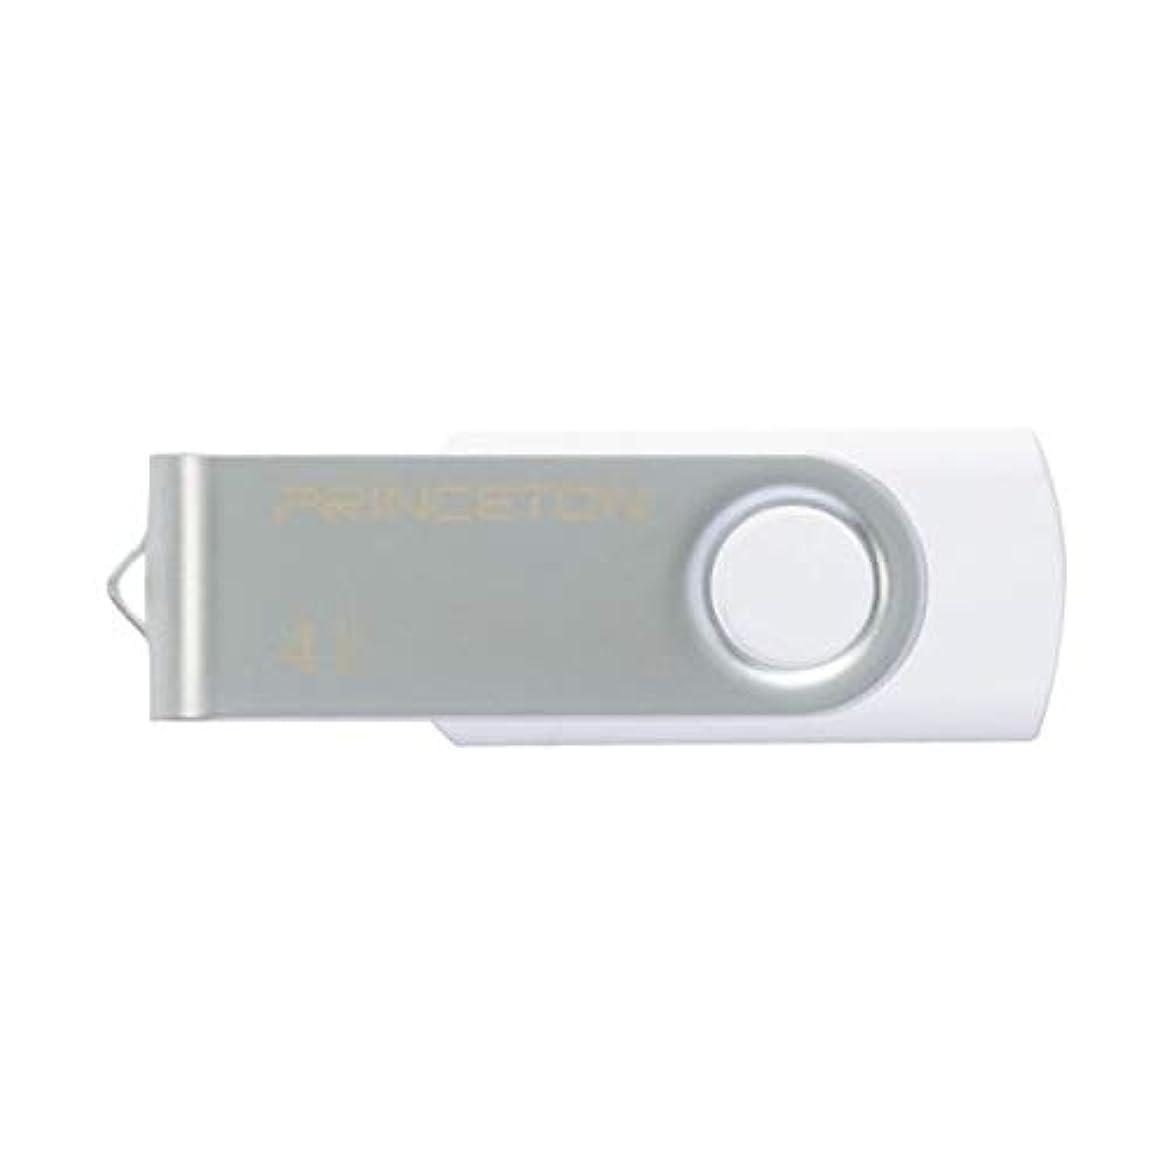 ゼリーまぶしさ香港日用品 パソコン関連 (まとめ買い) USBフラッシュメモリー回転式カバー 32GB ホワイト 【×3セット】